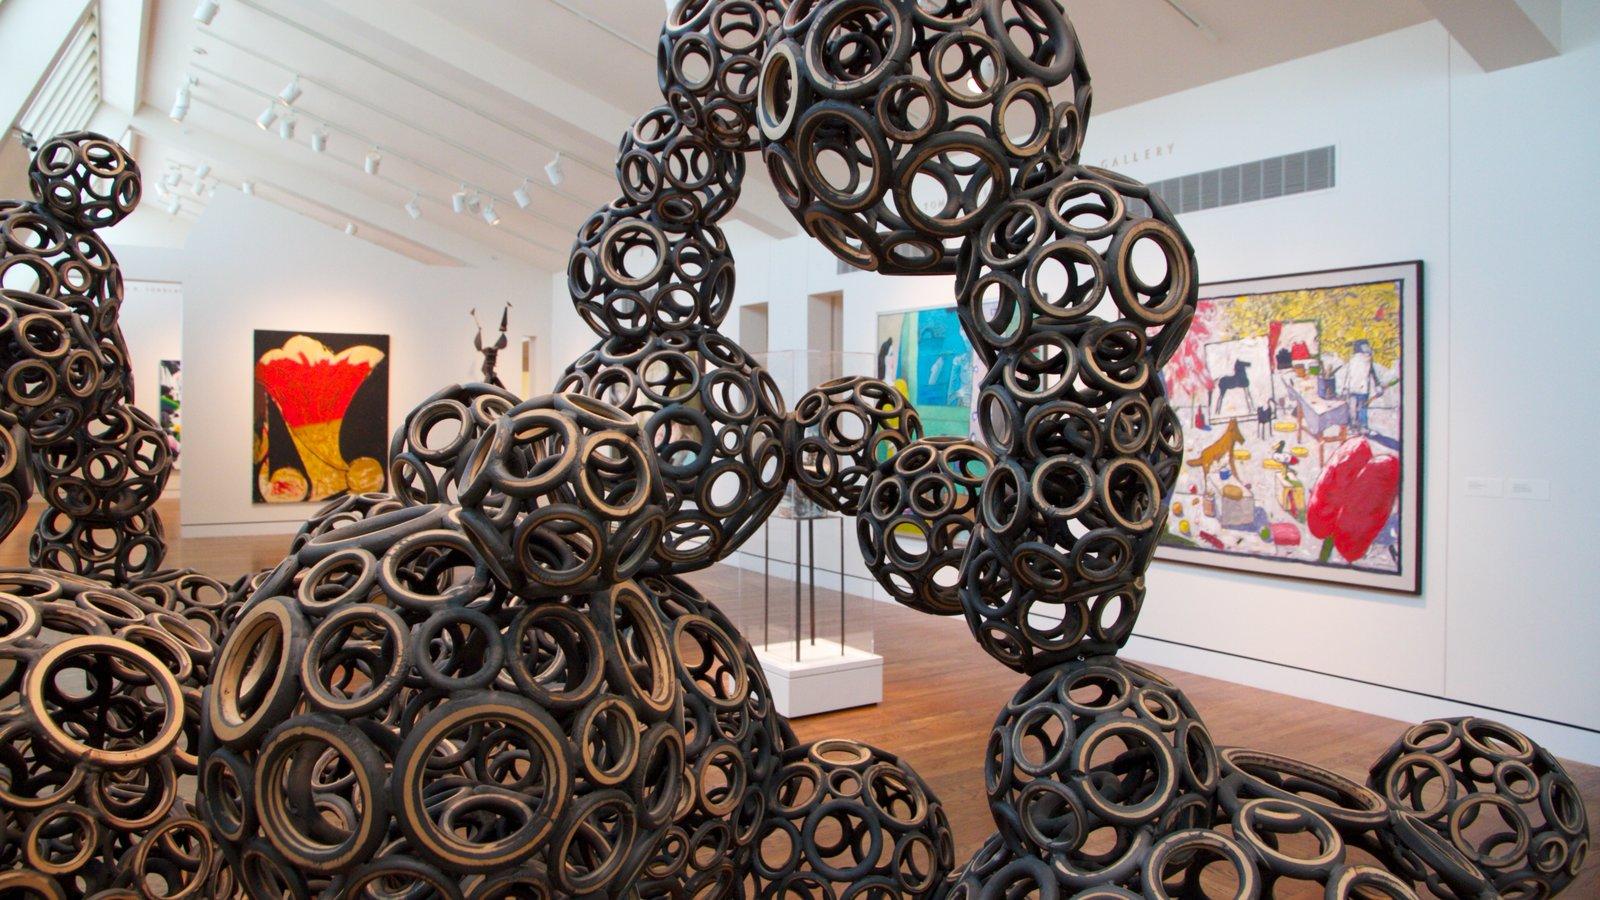 Portland Art Museum que incluye vistas interiores y arte